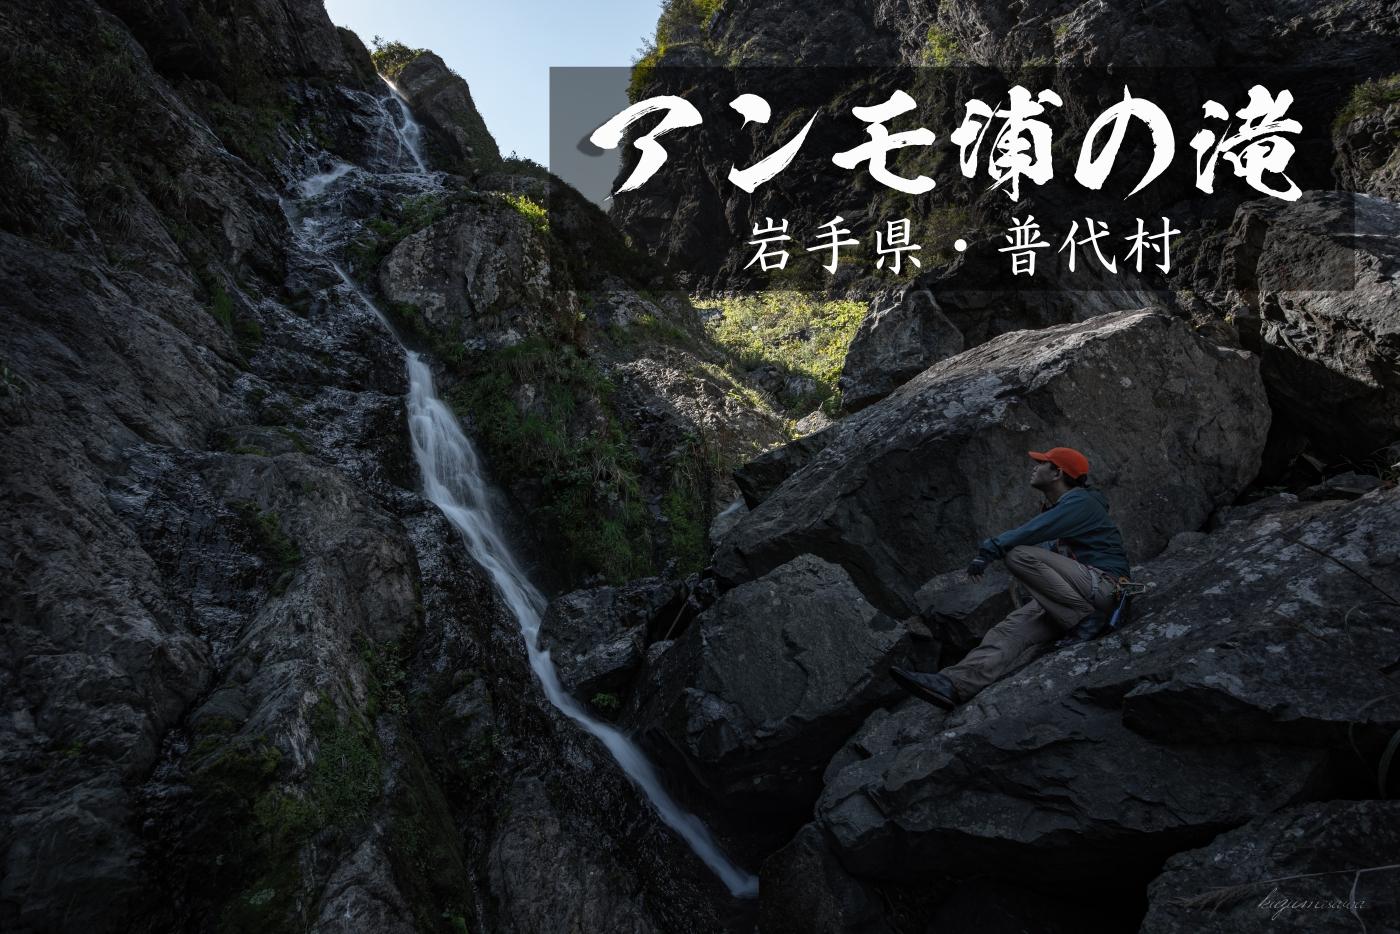 アンモ浦の滝とリアス式海岸 ~岩手県・普代村~